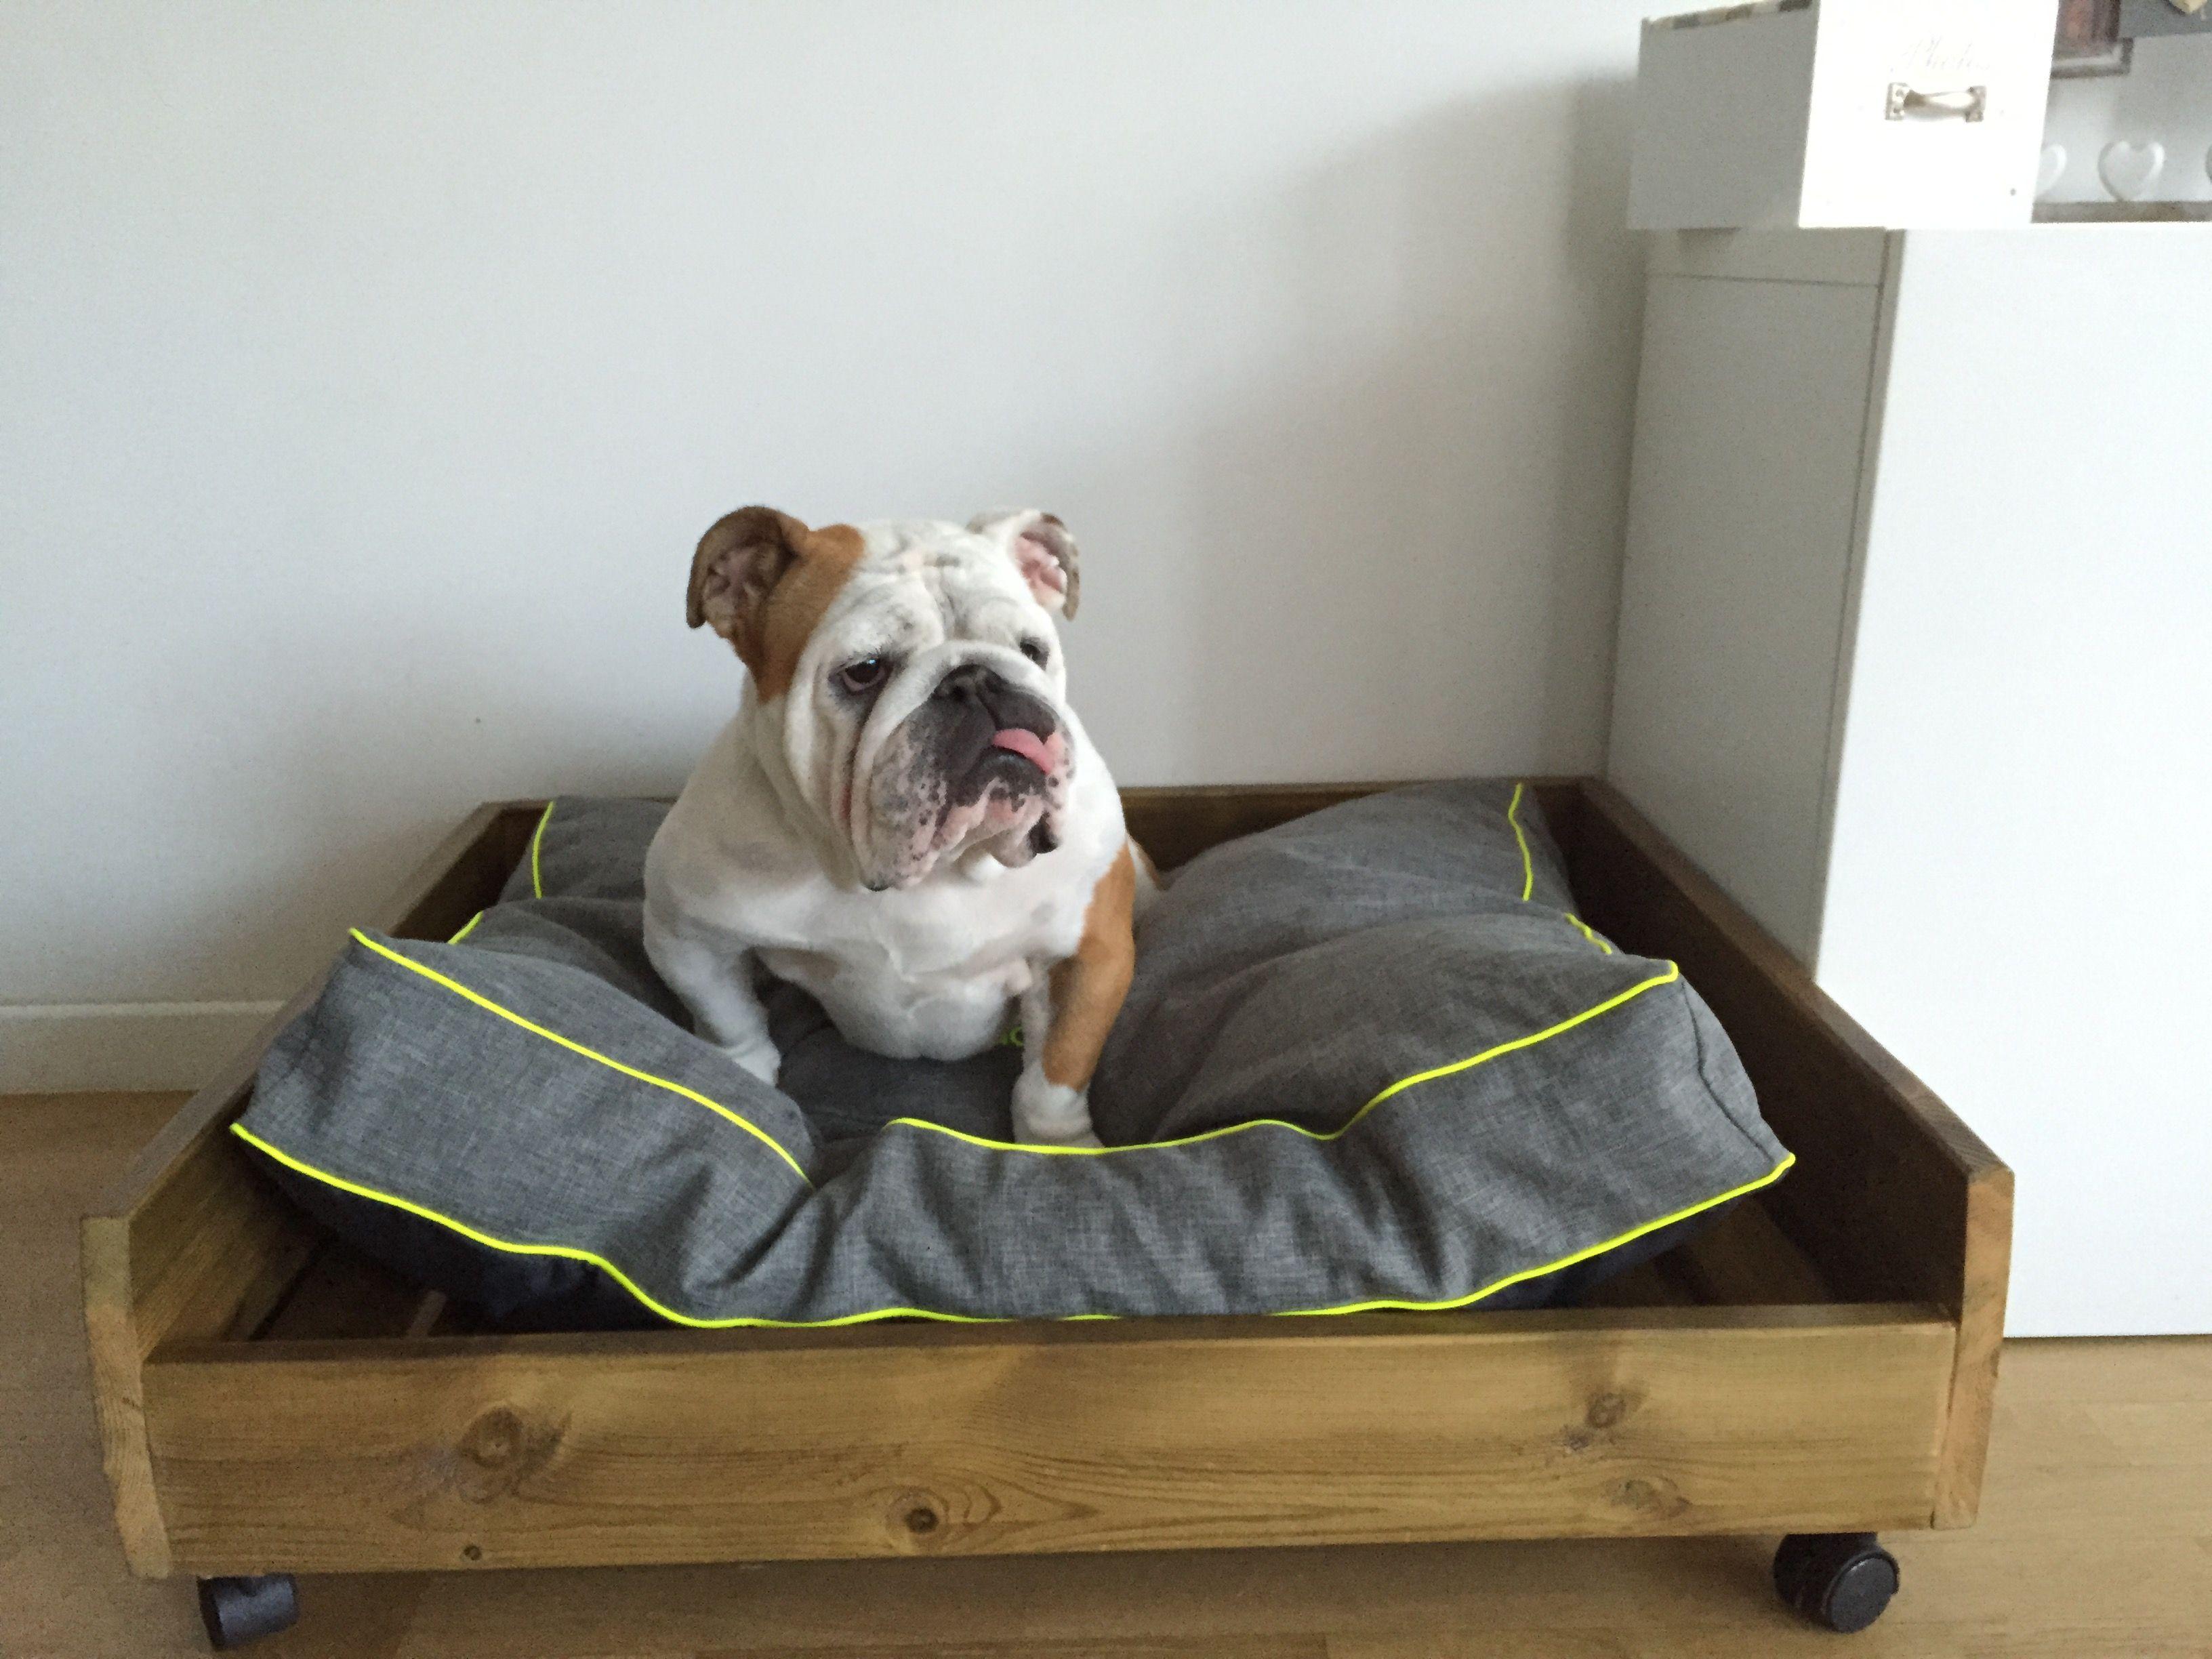 diy panier pour chien diy dog bed beds for dogs pinterest diy dog bed dog beds and dog. Black Bedroom Furniture Sets. Home Design Ideas